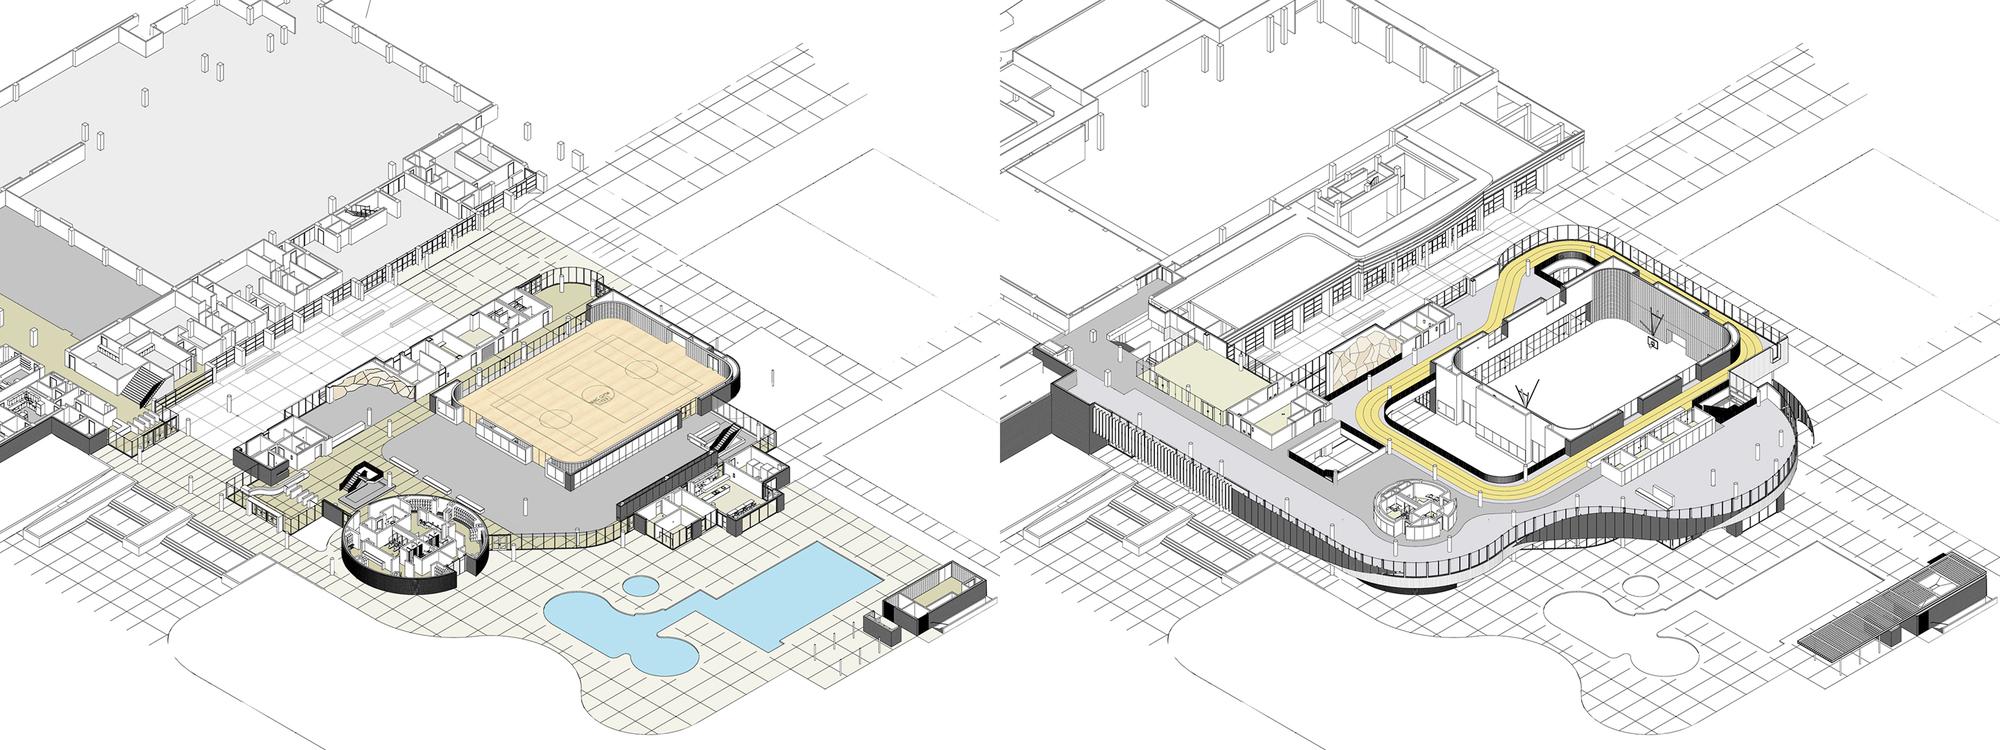 Дизайн спортивного комплекса – Планировка здания